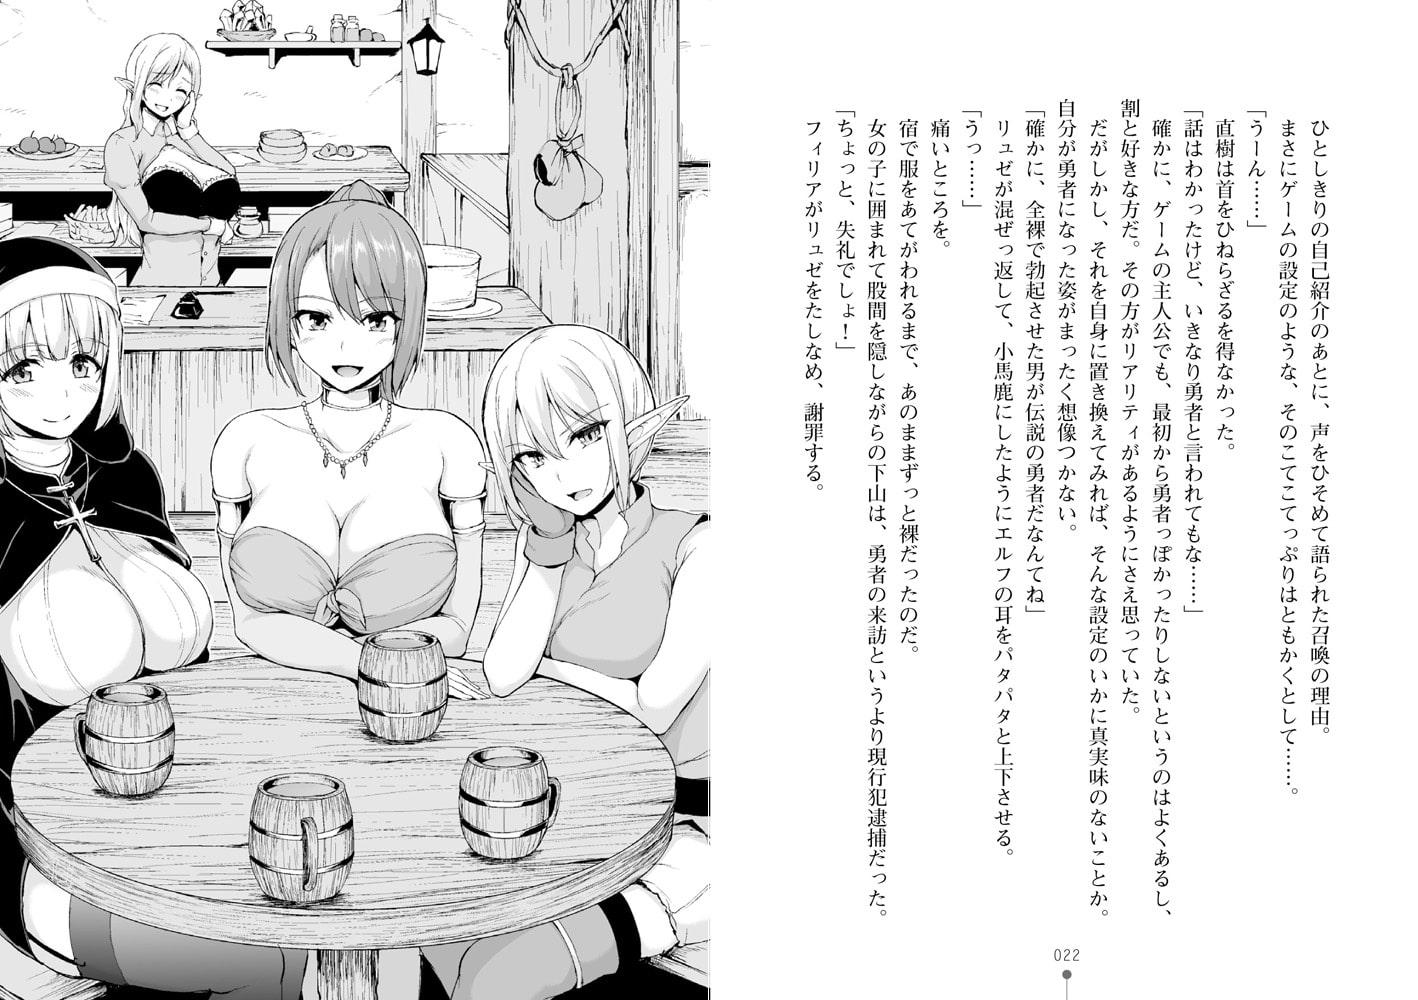 異世界ハーレム物語 ~ファンタジー娘たちと4P!5P!6P!~